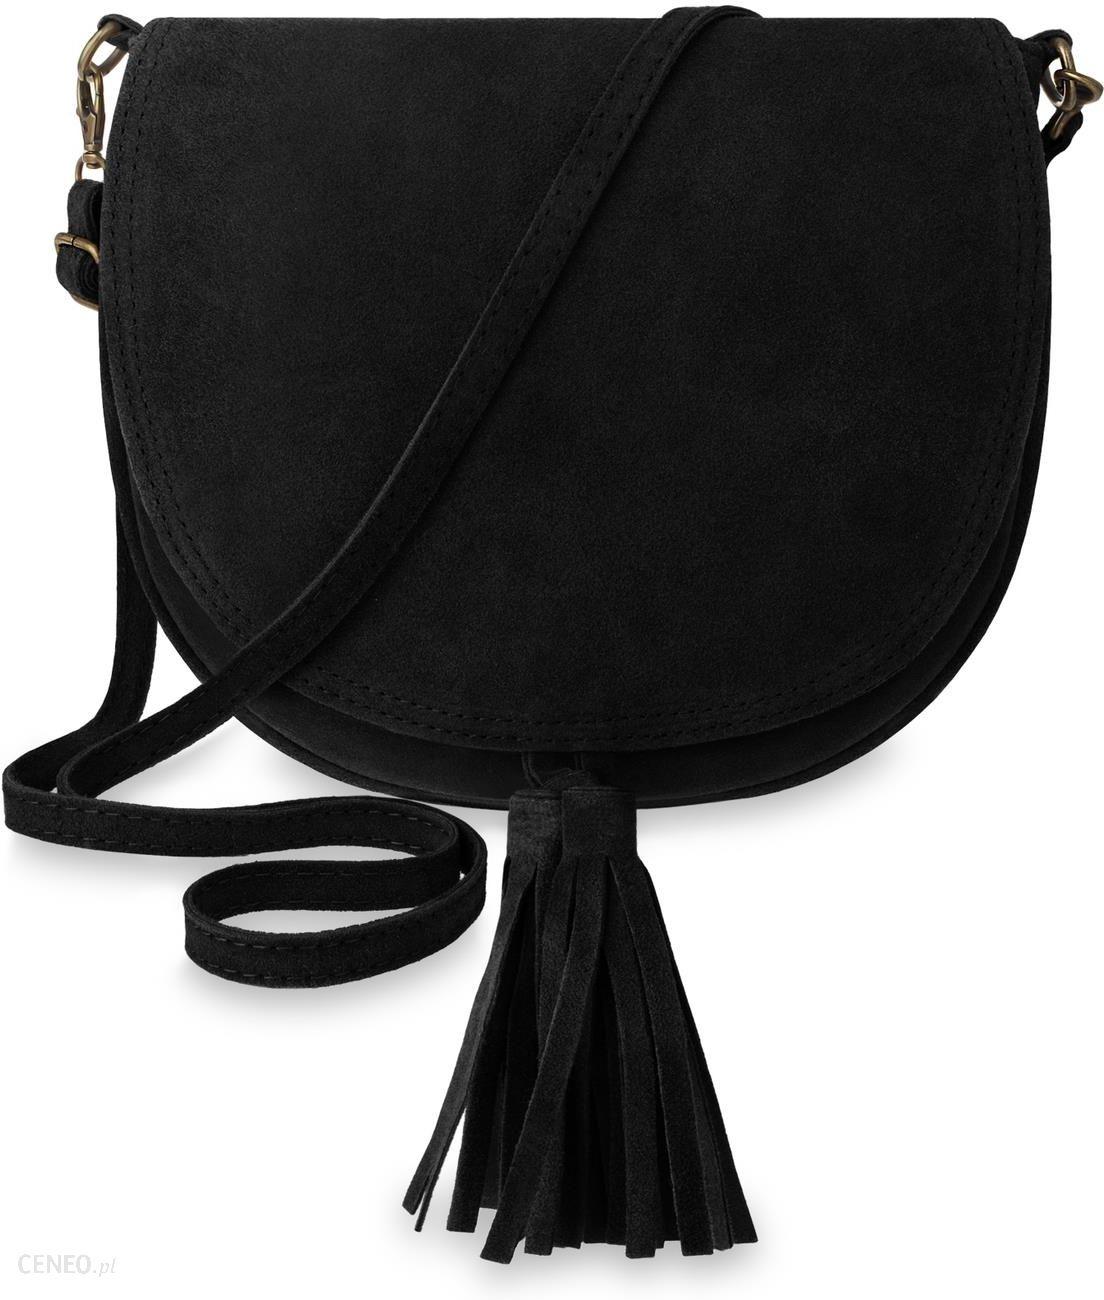 3ec89b2f49467 Zamszowa listonoszka miękka torebka damska frędzle boho – czarny - zdjęcie 1